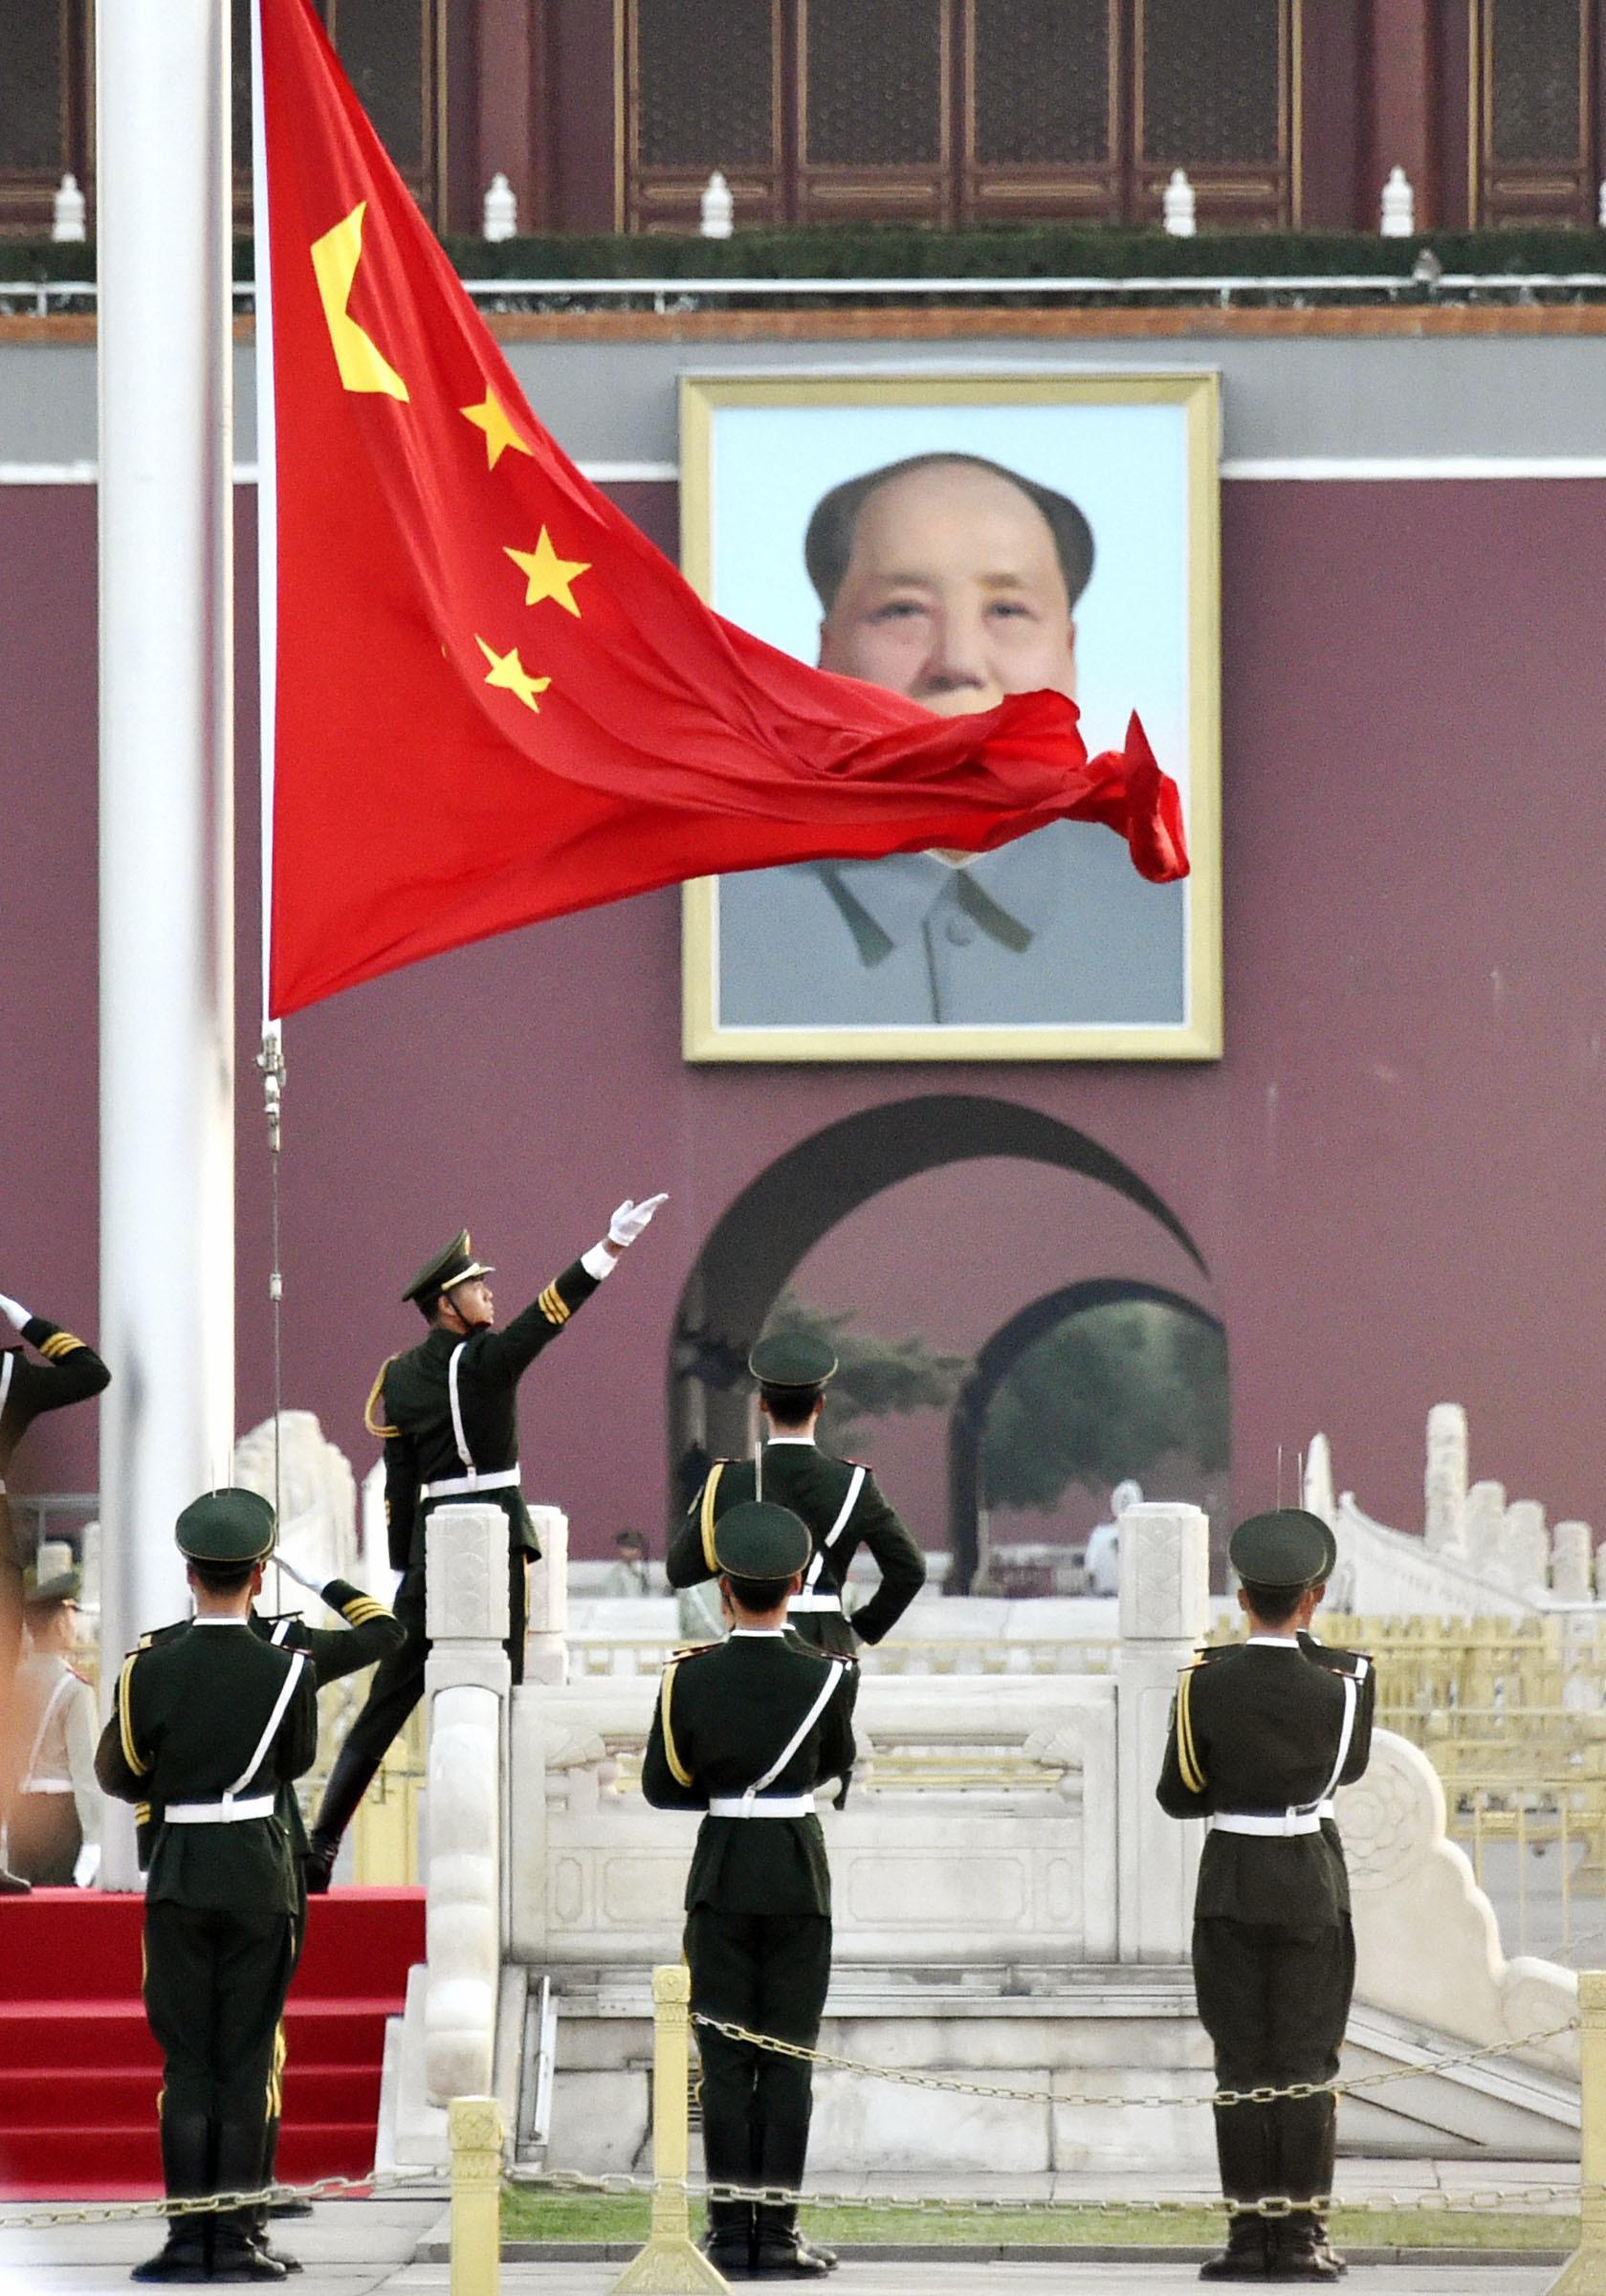 天安門事件から28年を迎えた朝、いつもと同様に行われた国旗掲揚式=6月4日、北京の天安門広場(撮影・福原健三郎、共同)